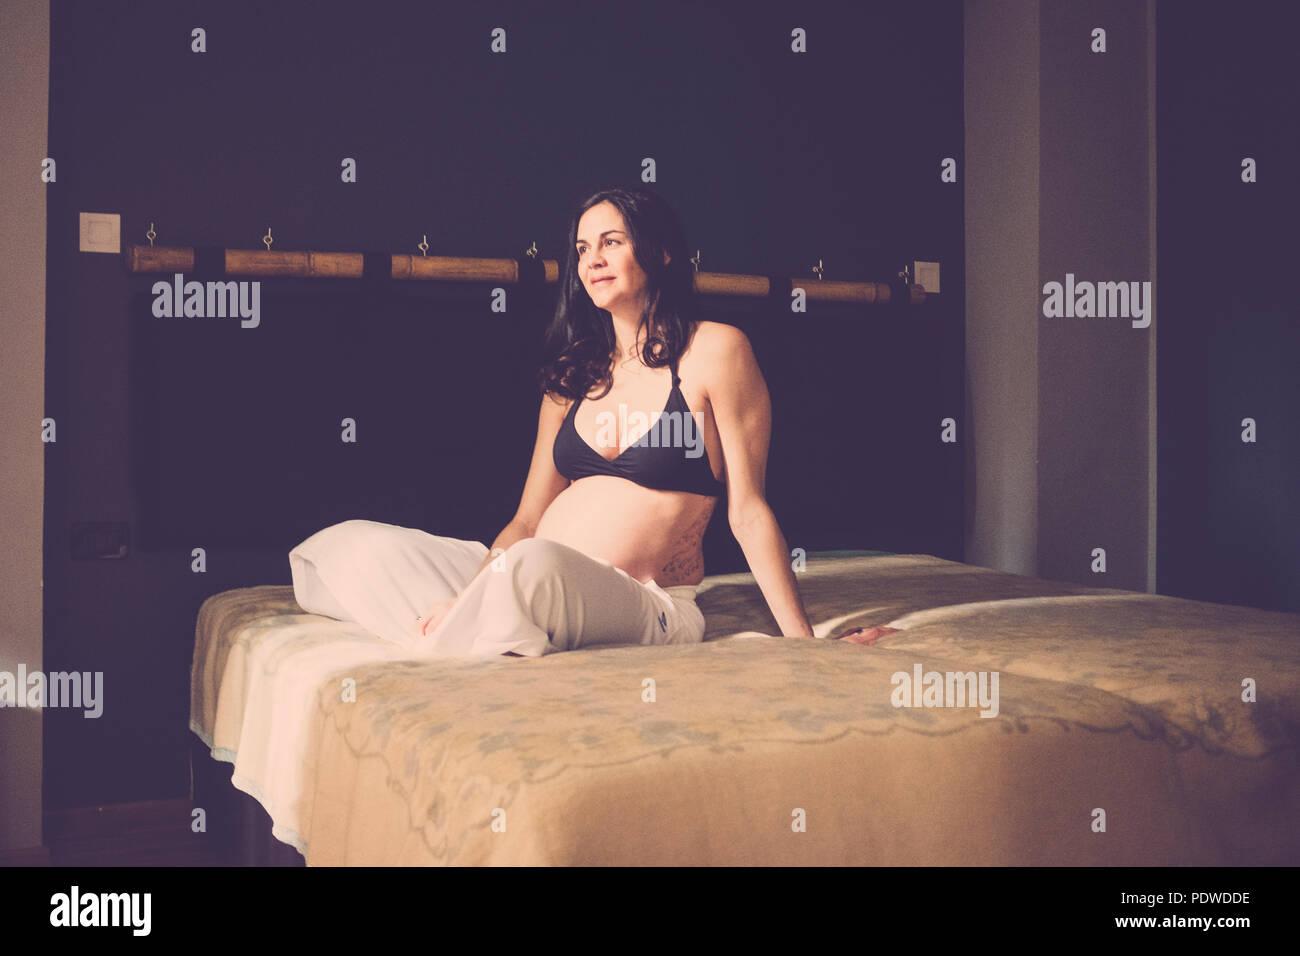 Embarazada hermosa mujer caucásica sentados en el suelo y respirar para relajarse. El nuevo concepto de la vida en el hogar. Solos en el dormitorio sonrisa y felicidad para n Imagen De Stock